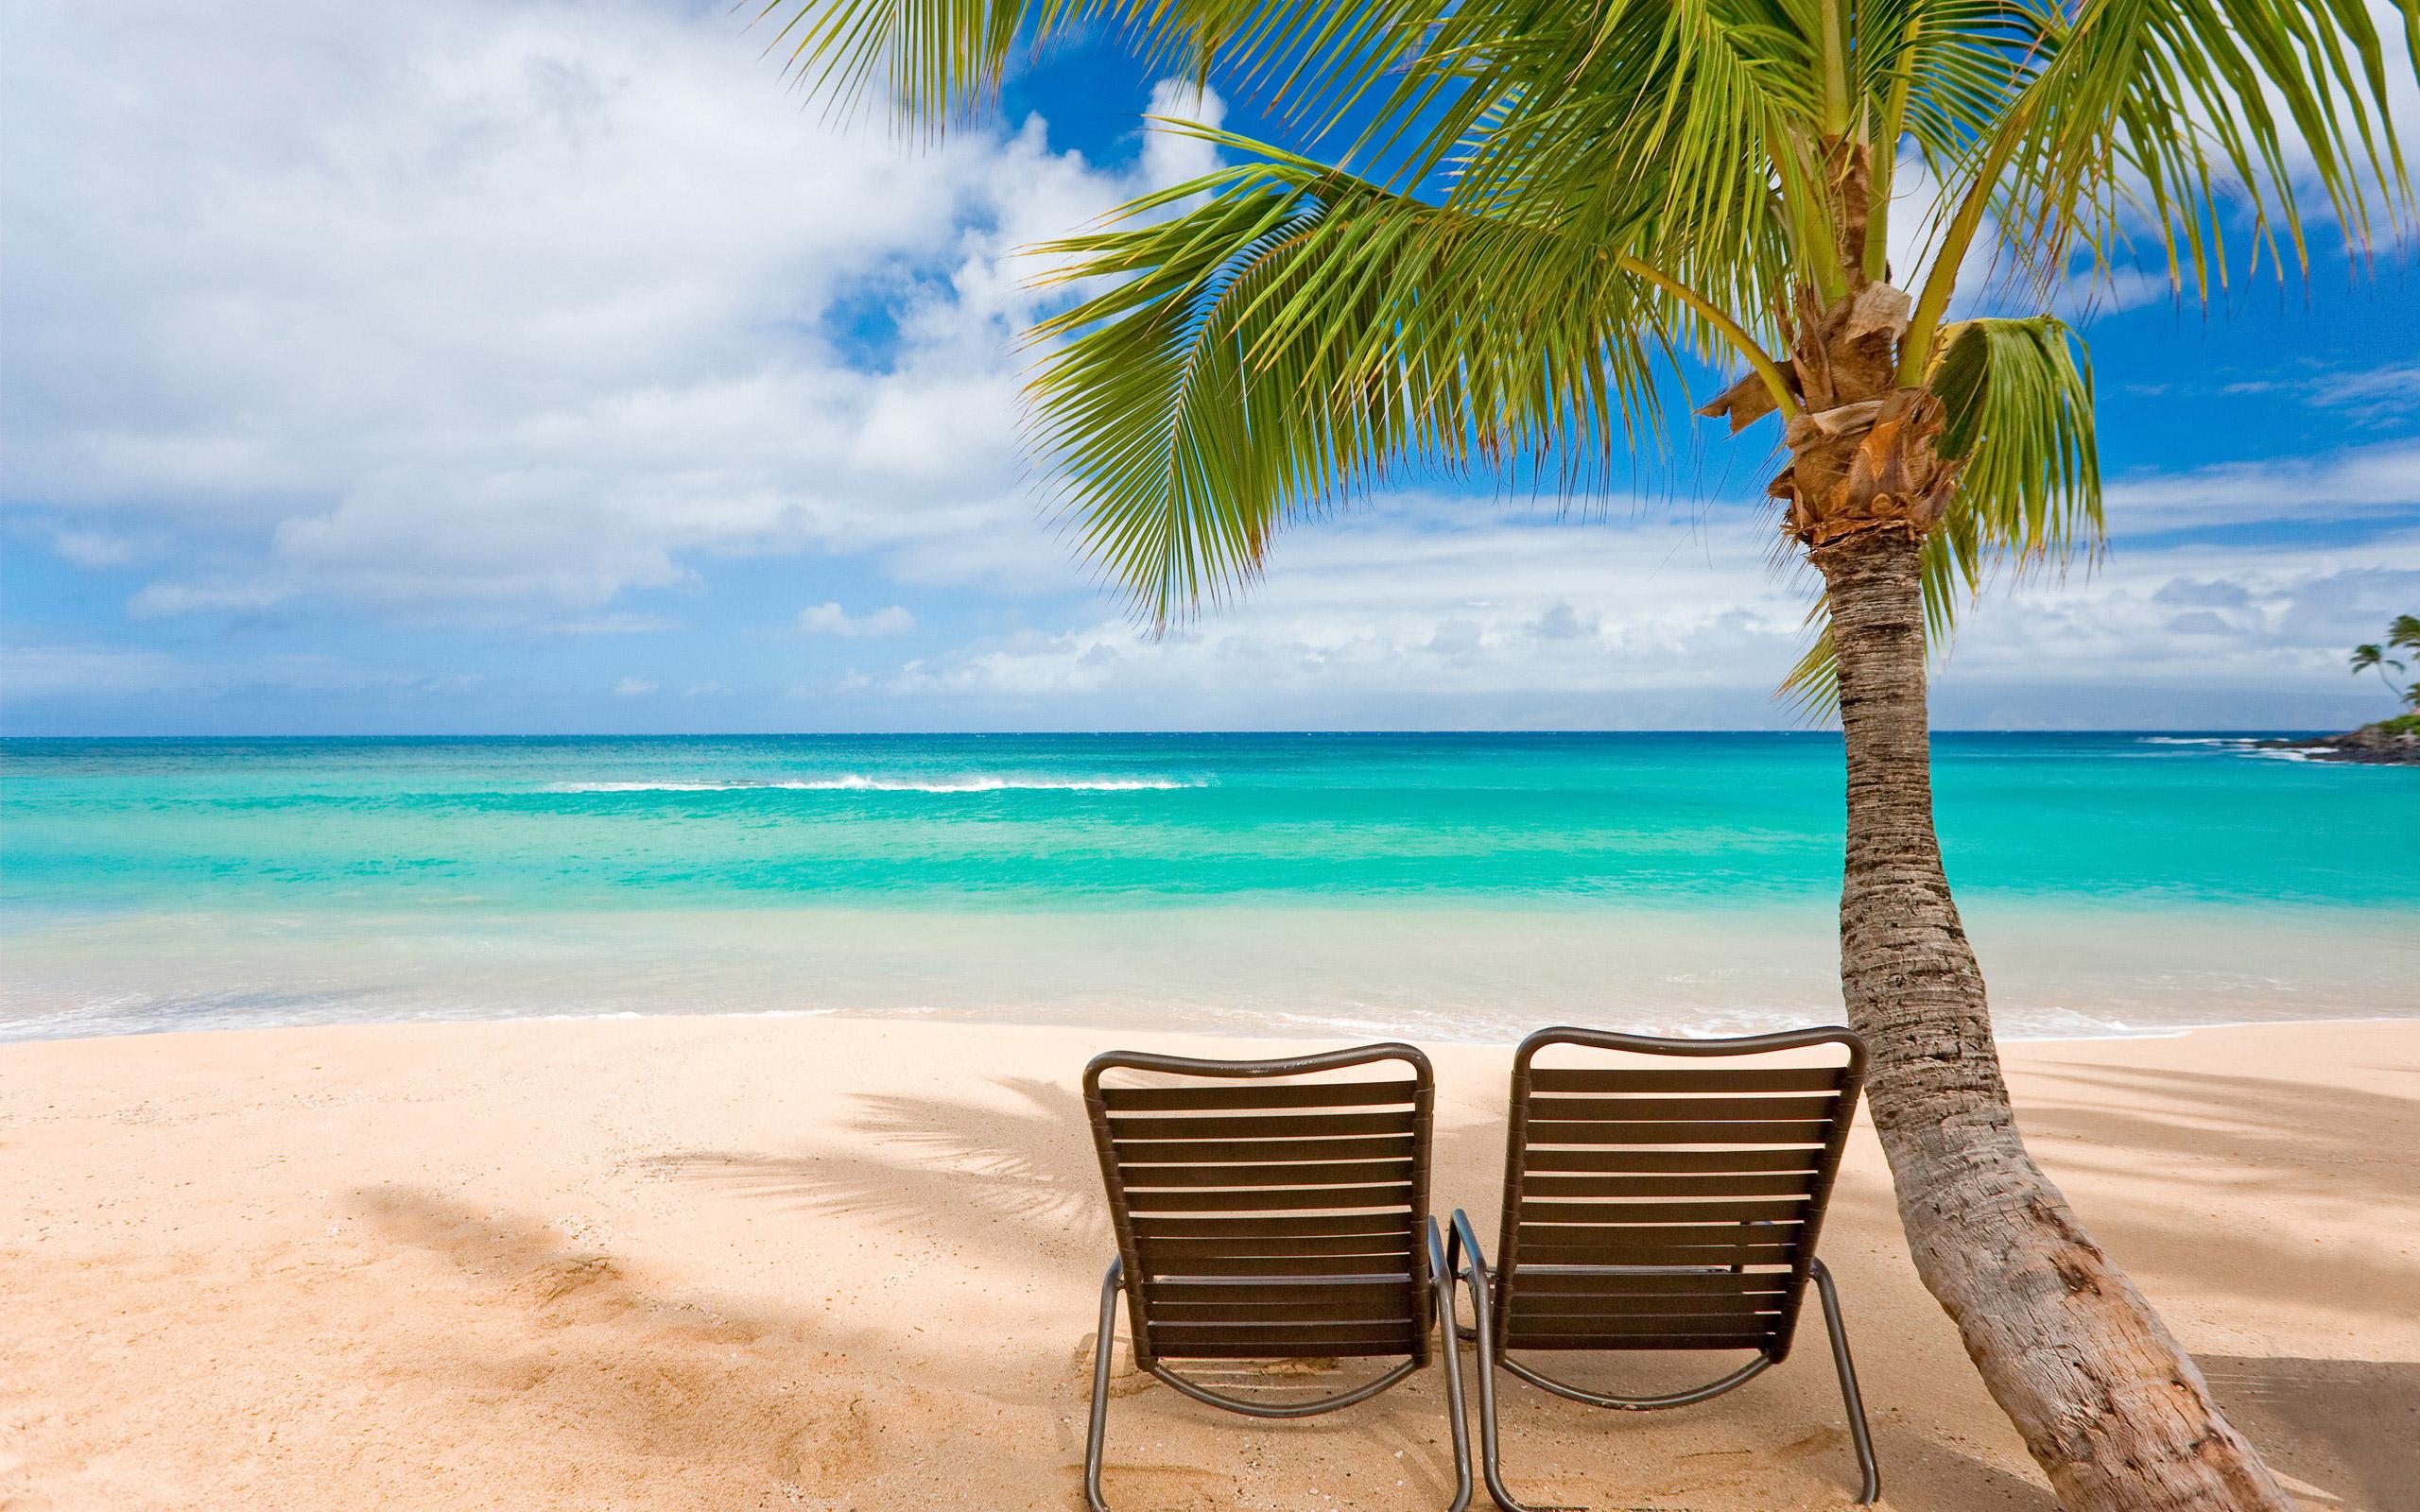 Beach Scene Wallpaper Full Desktop Backgrounds 2560x1600